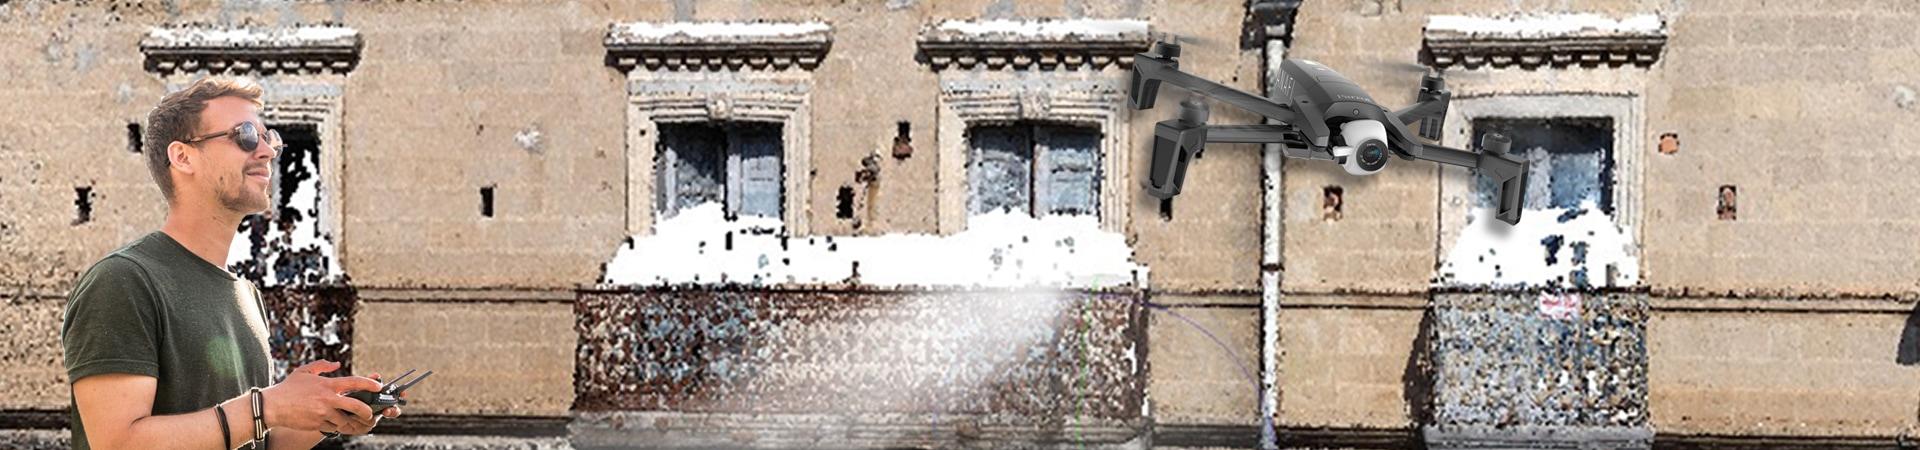 Drone per scanner 3D portatile a fotogrammetria di V-GER